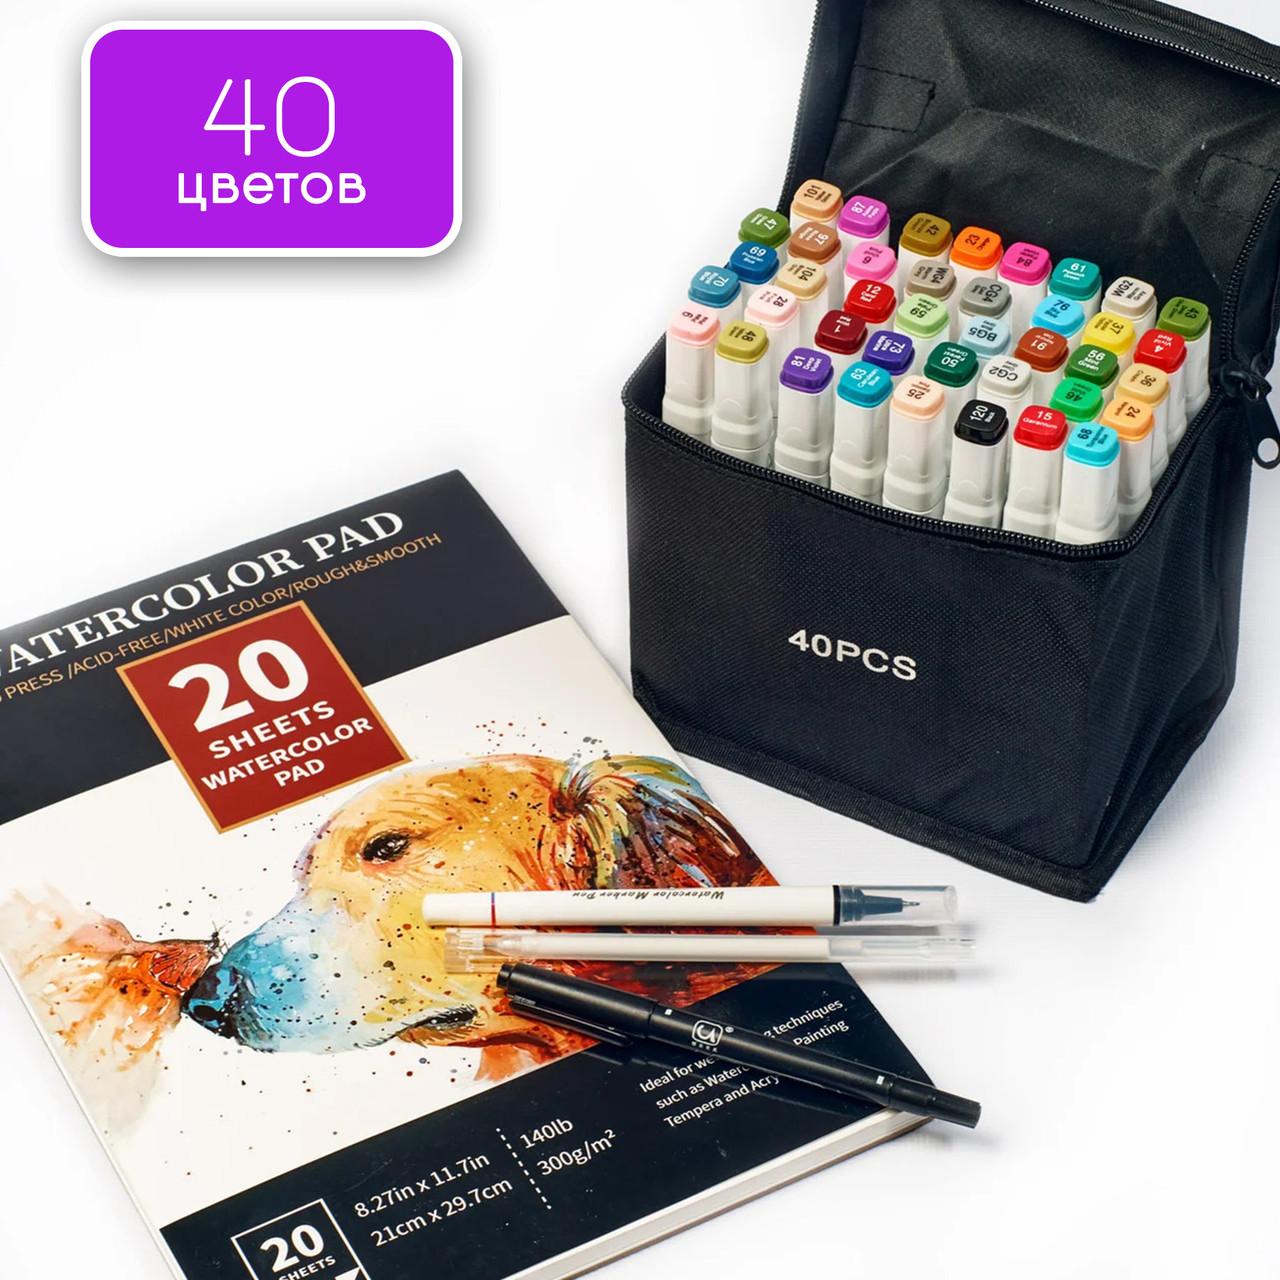 Набір двосторонніх спиртових маркерів 40 кольорів touch smooth для скетчинга + папір для малювання 20 аркушів